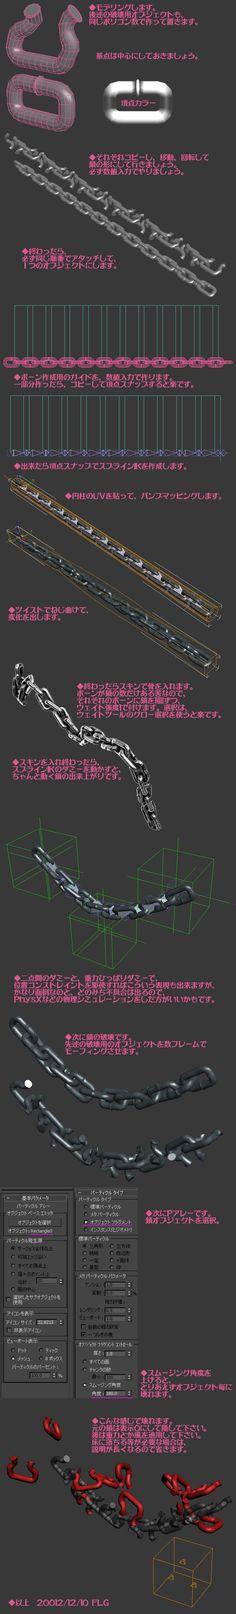 簡単な、maxでの鎖の作り方解説画像を作ったので見て下さい。